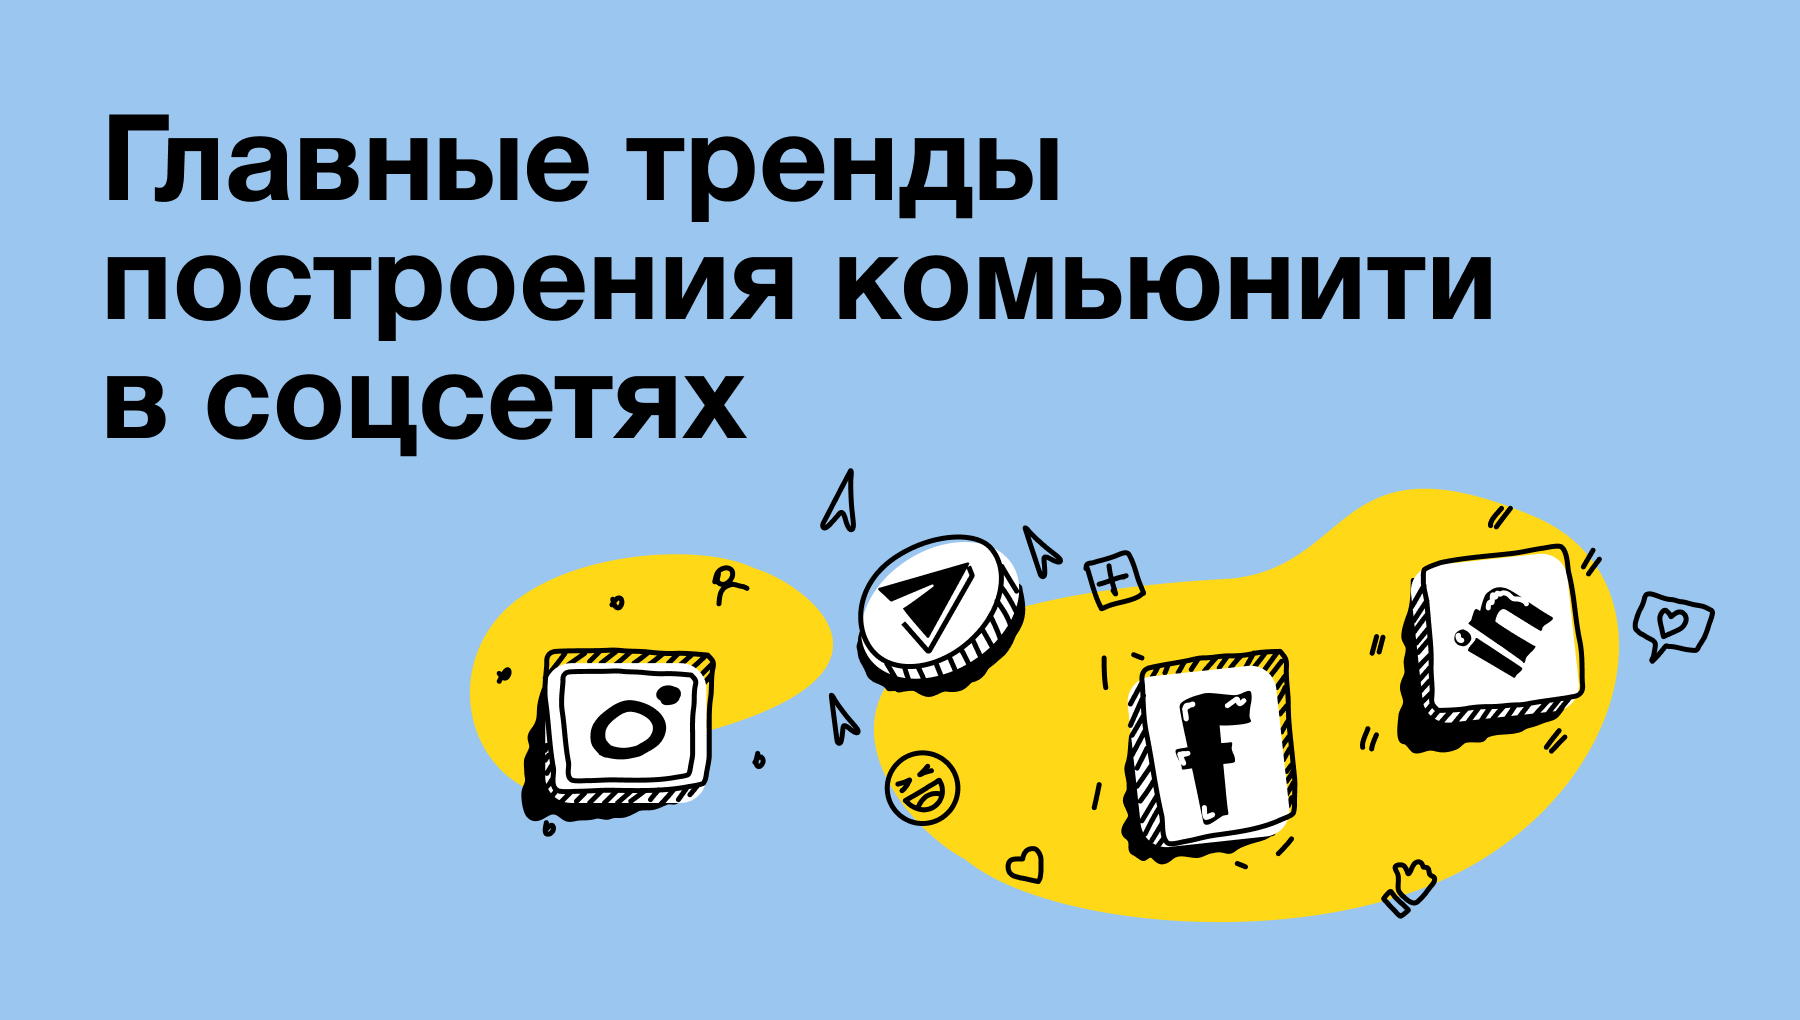 SMM и комьюнити маркетинг: главные тренды построения комьюнити в соцсетях